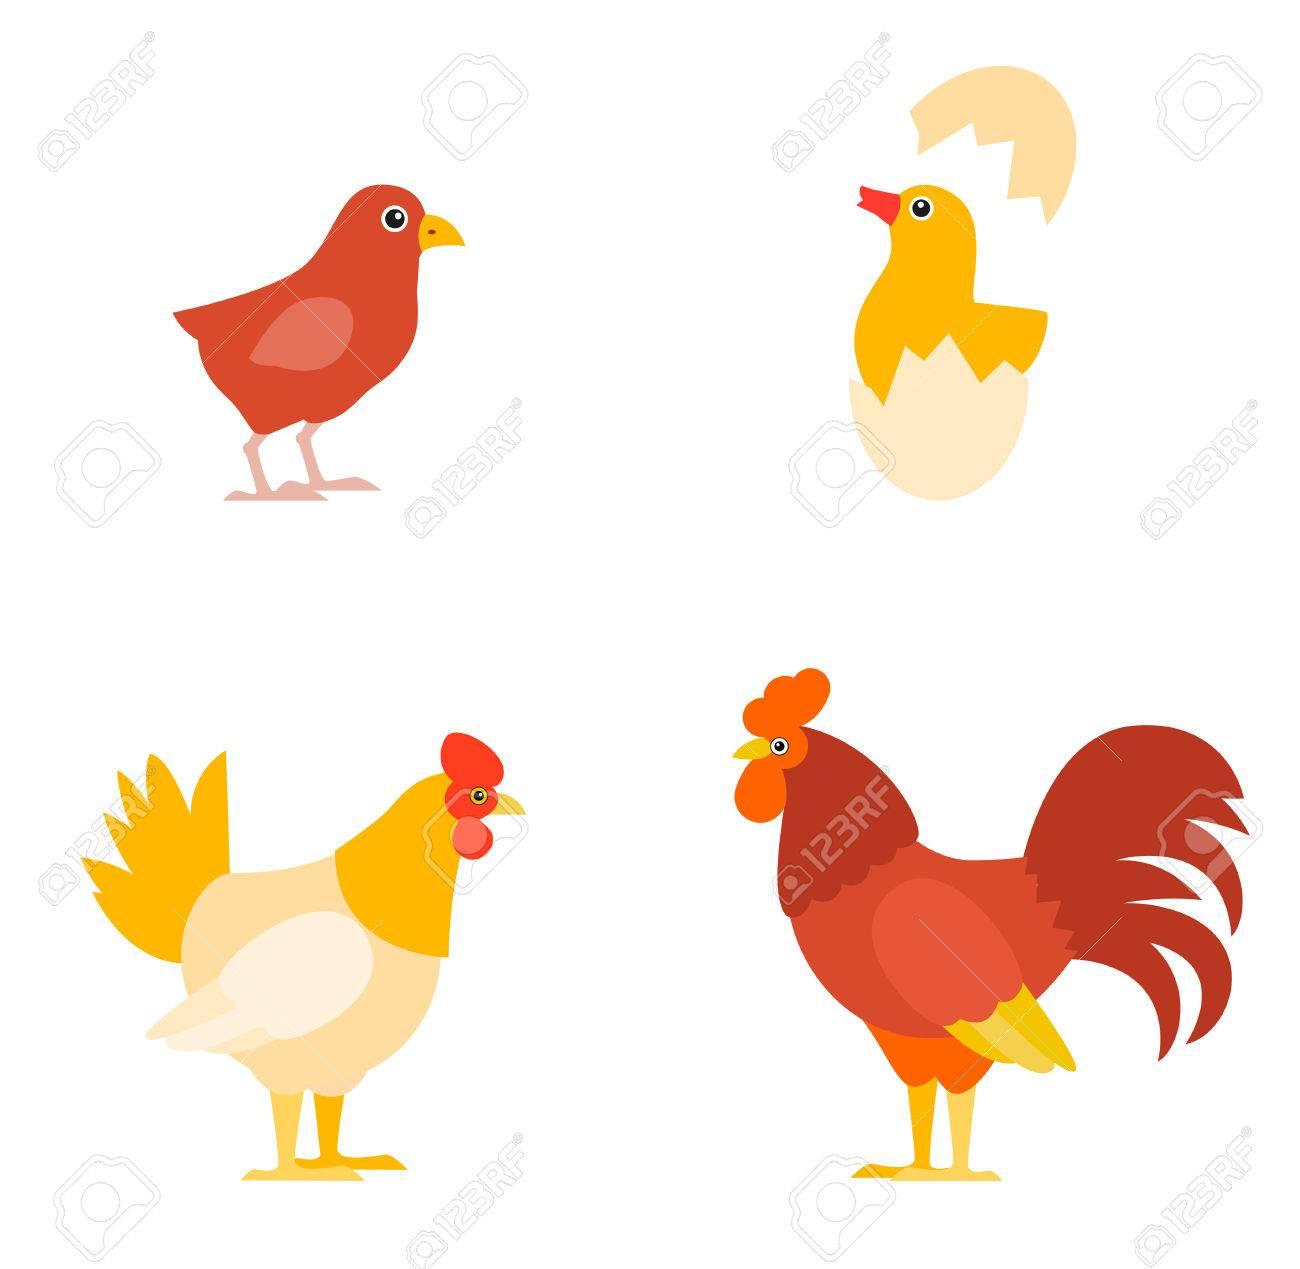 カラフルな農場の鳥のコレクション鶏鶏ひよこと卵のベクトル